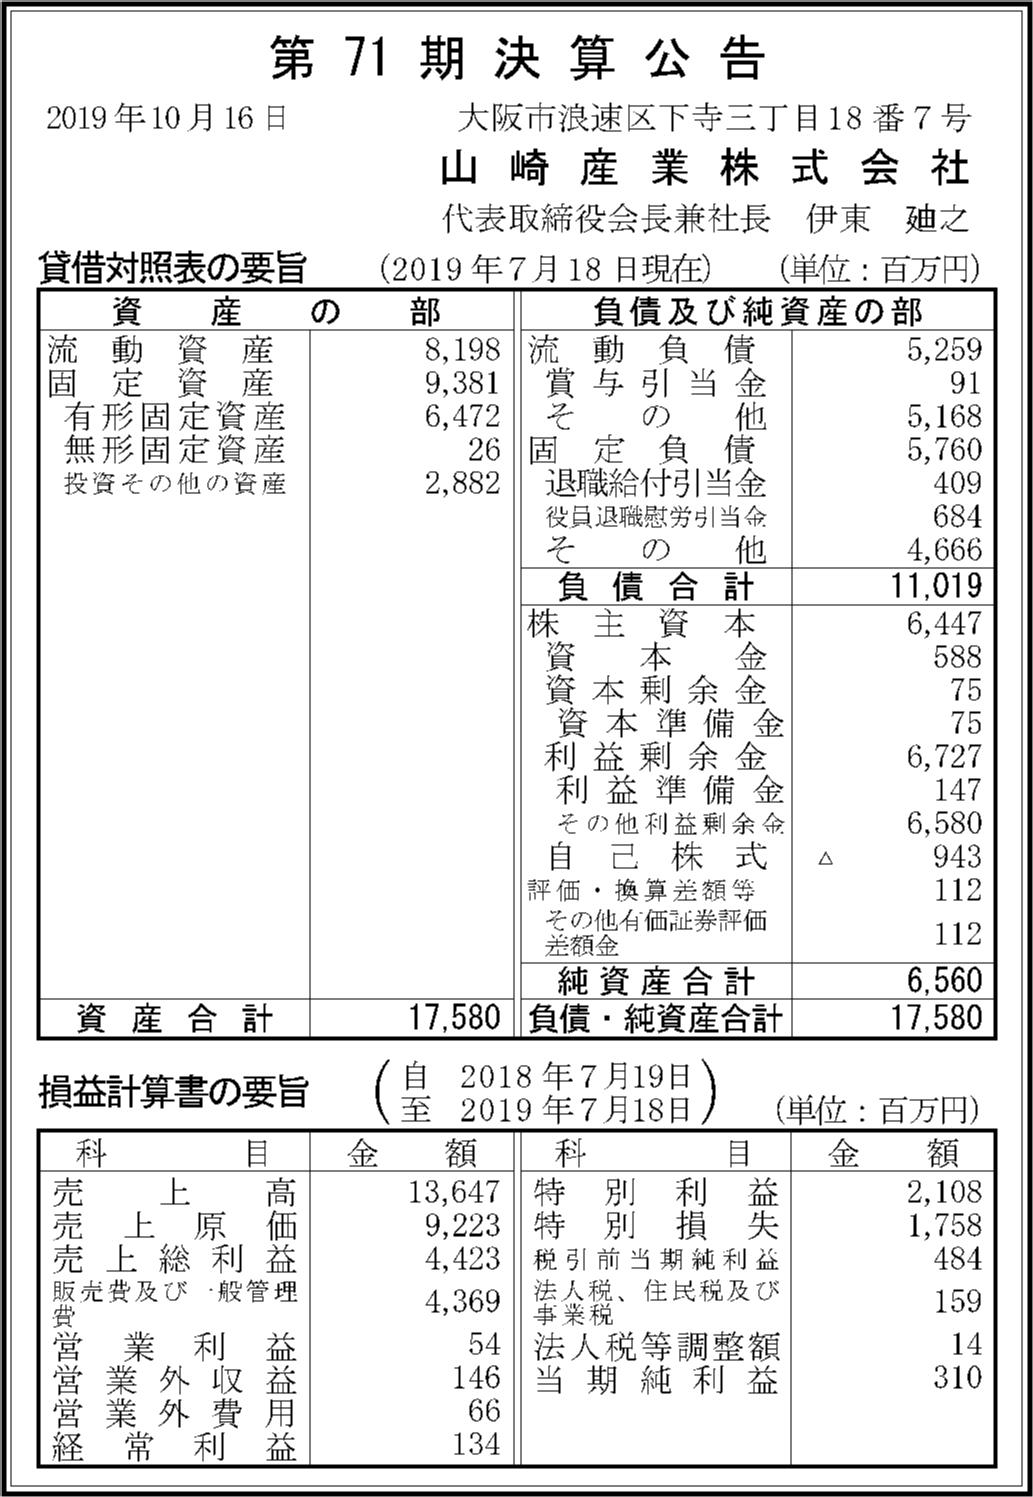 0095 bf8ce40535674204c06e63cdd6d117e1f38070c09b32ad1fba0669e74245059068248fe023d4b737a672356d88bd4500a5c7df2c49cff05c8f93359cc28df752 06